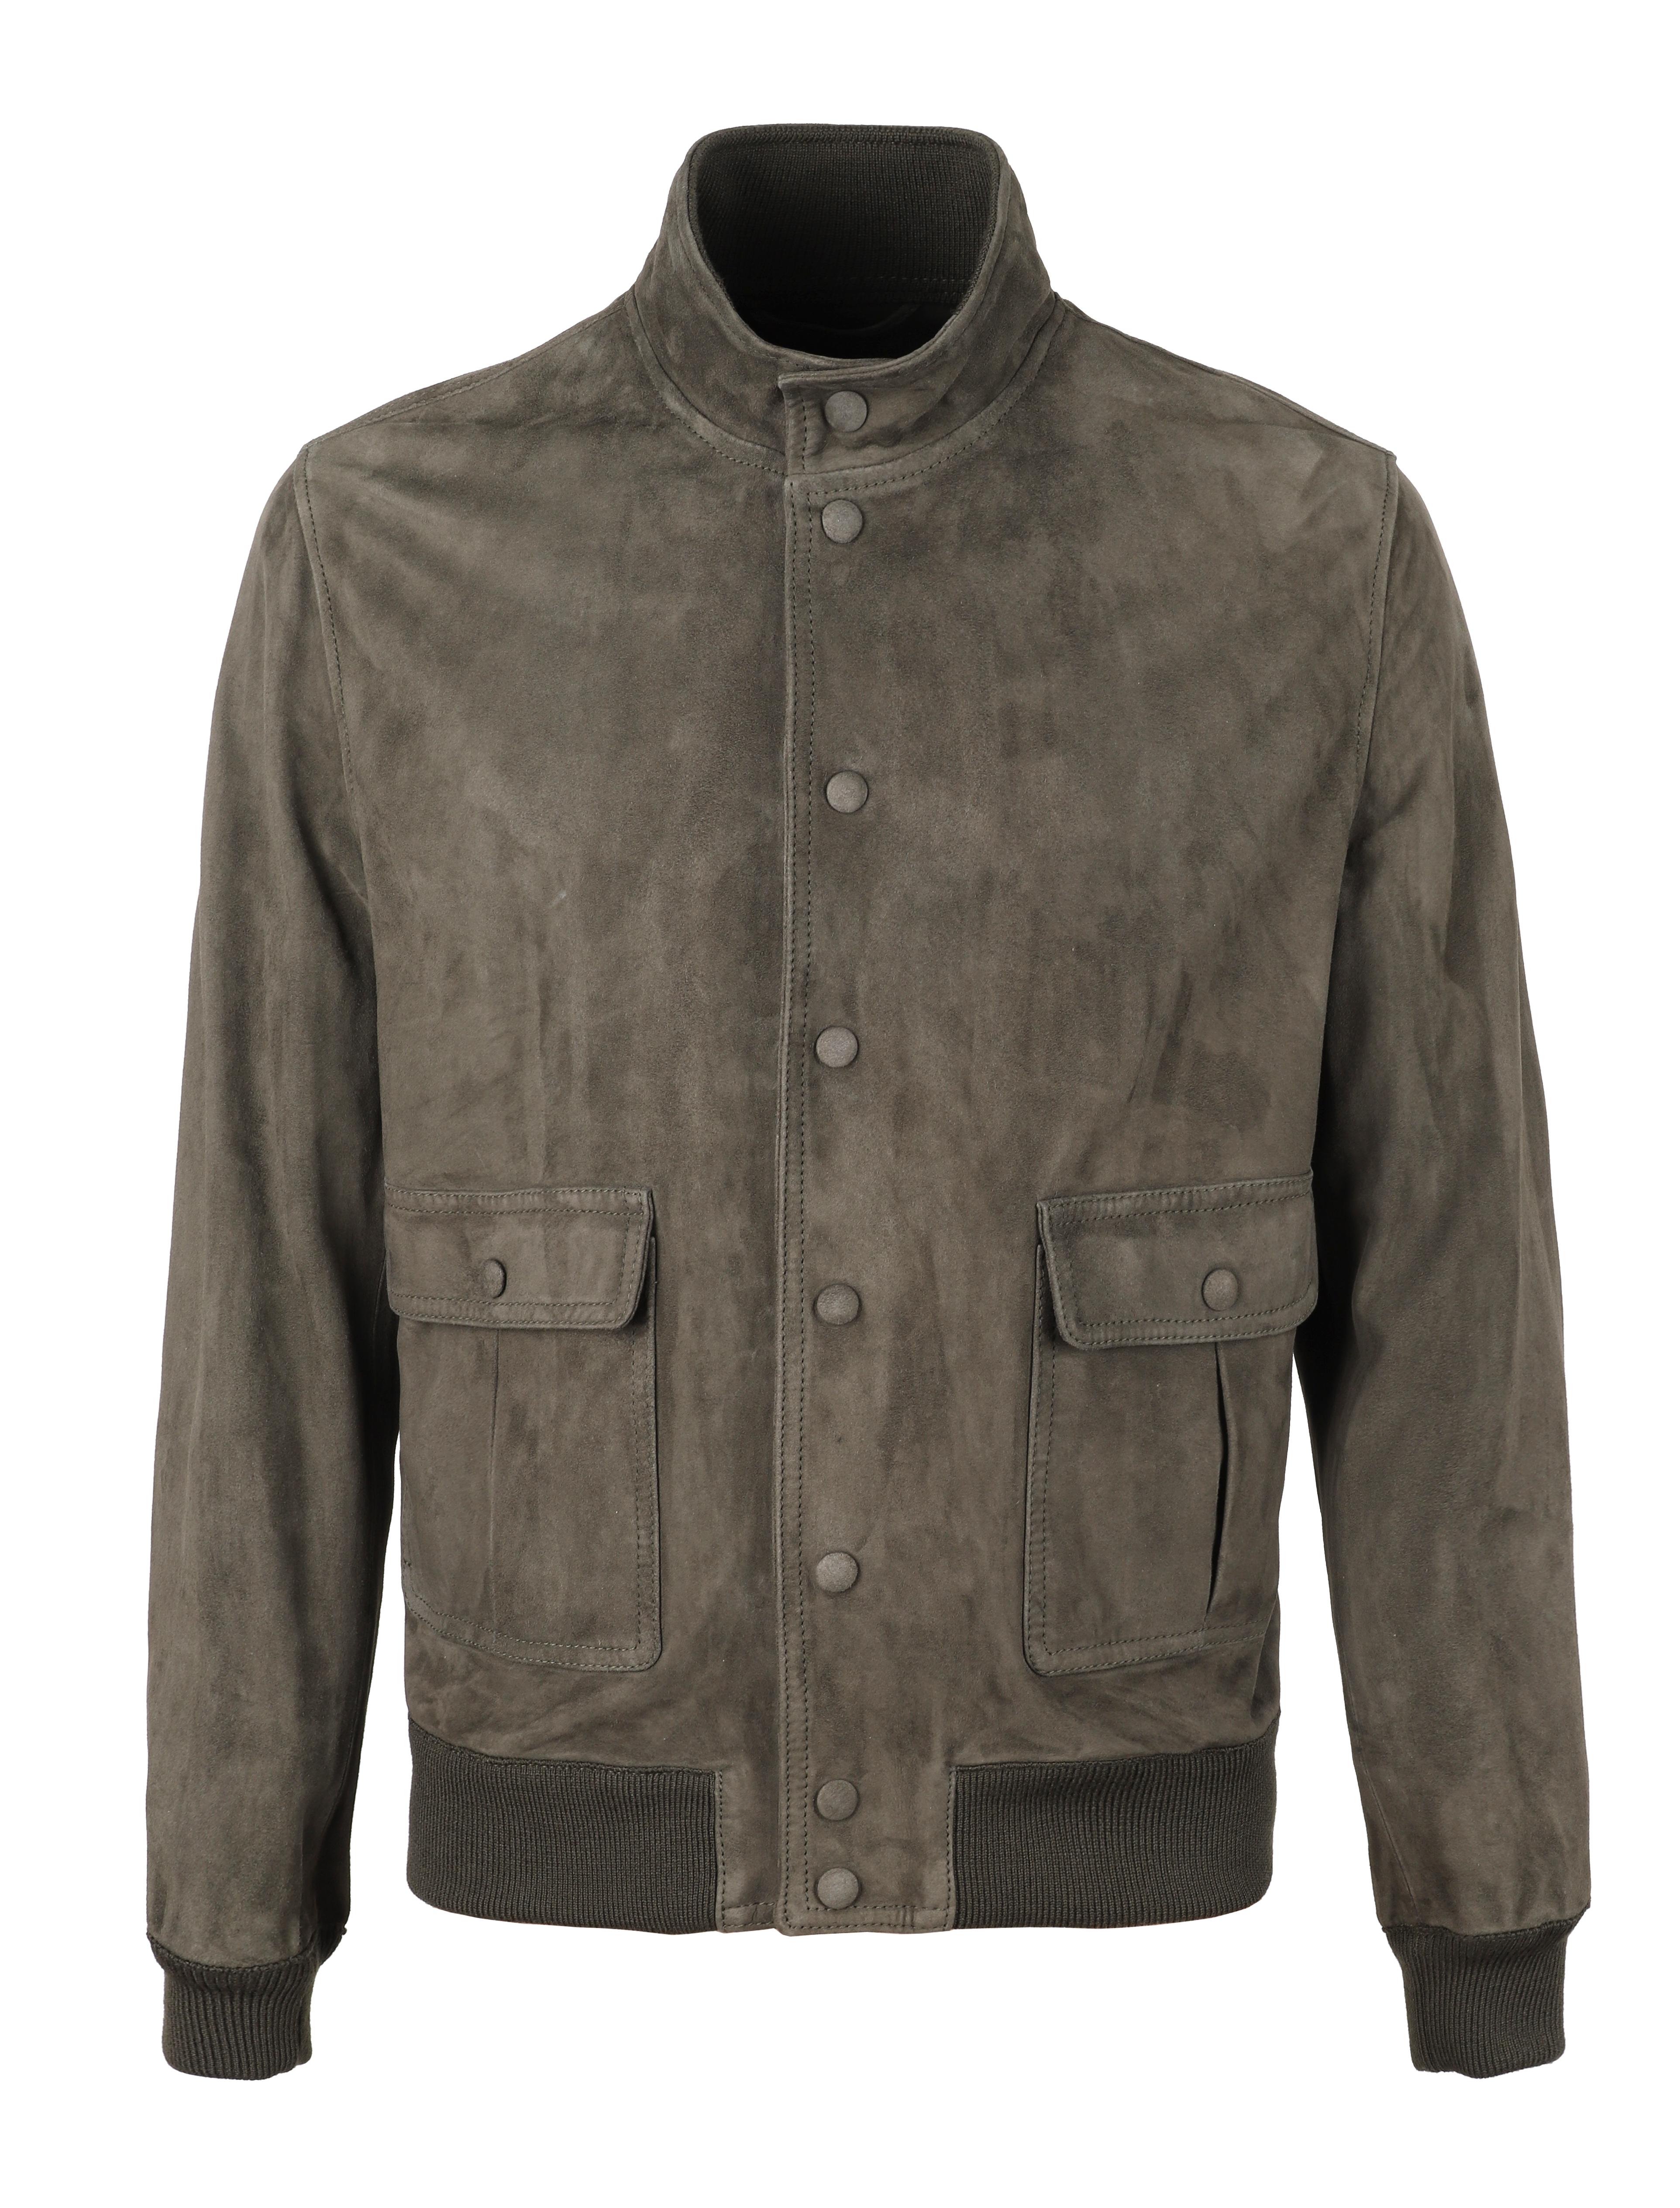 Grey Unlined Suede Jacket